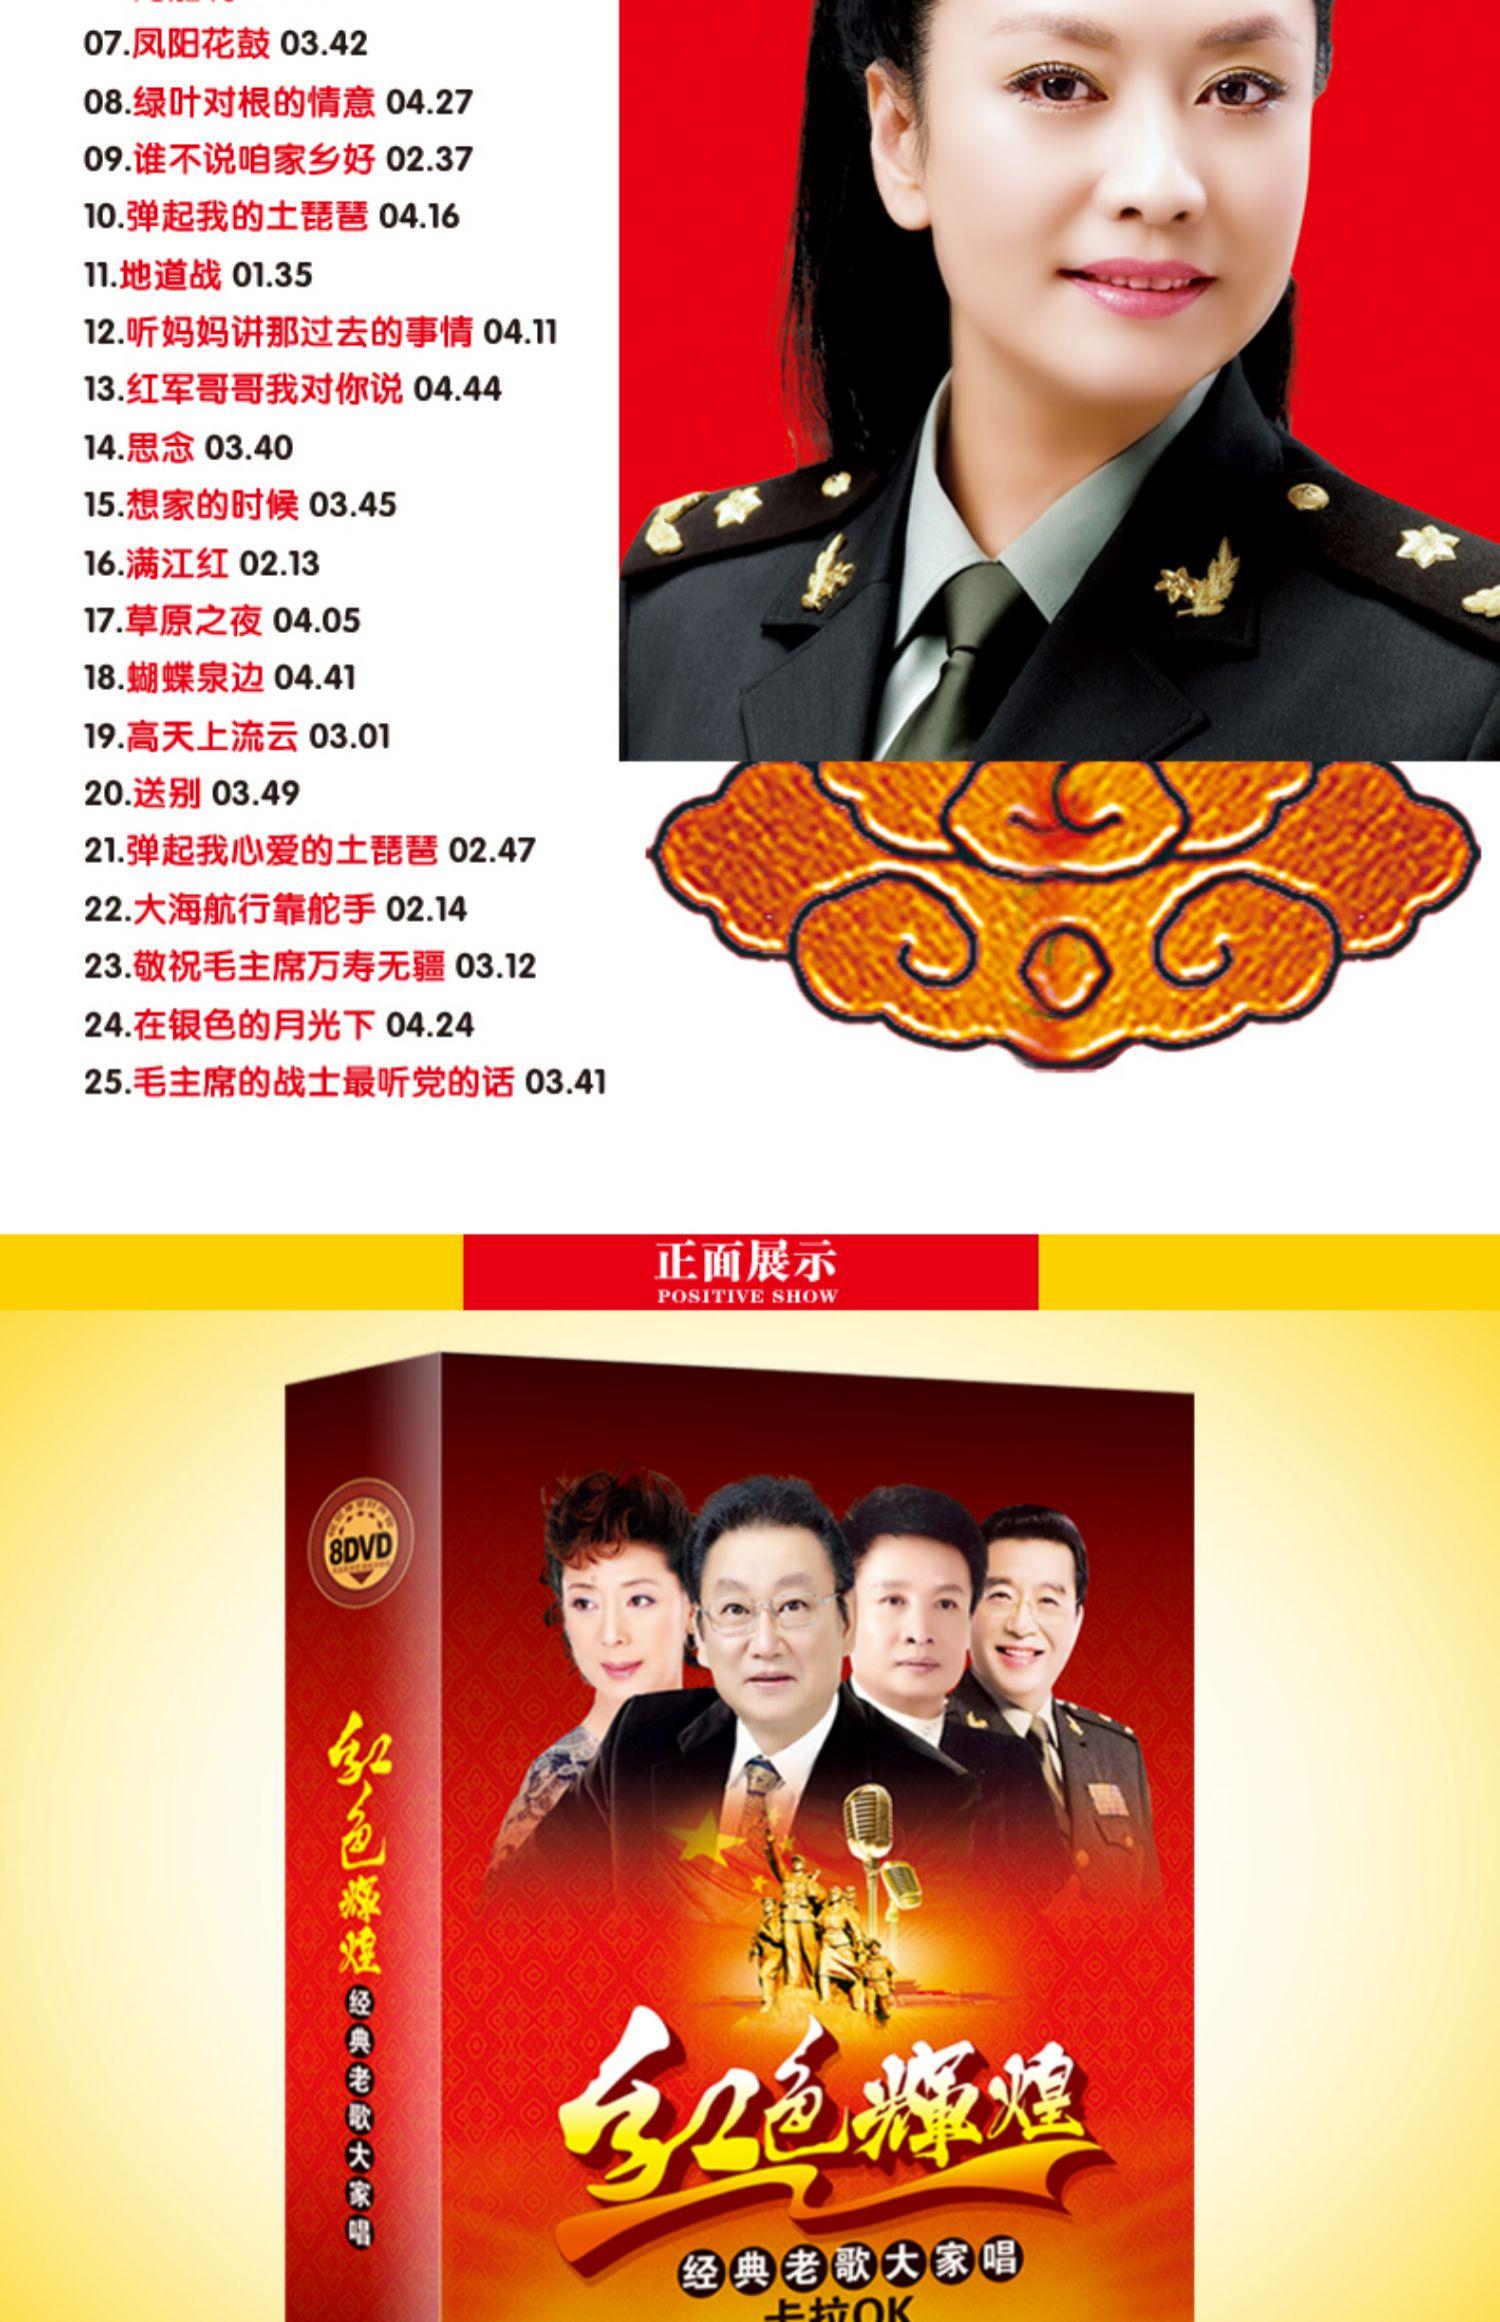 正版经典老歌民歌军歌汽车载DVD碟片红歌卡拉OK音乐歌曲视频光盘商品详情图